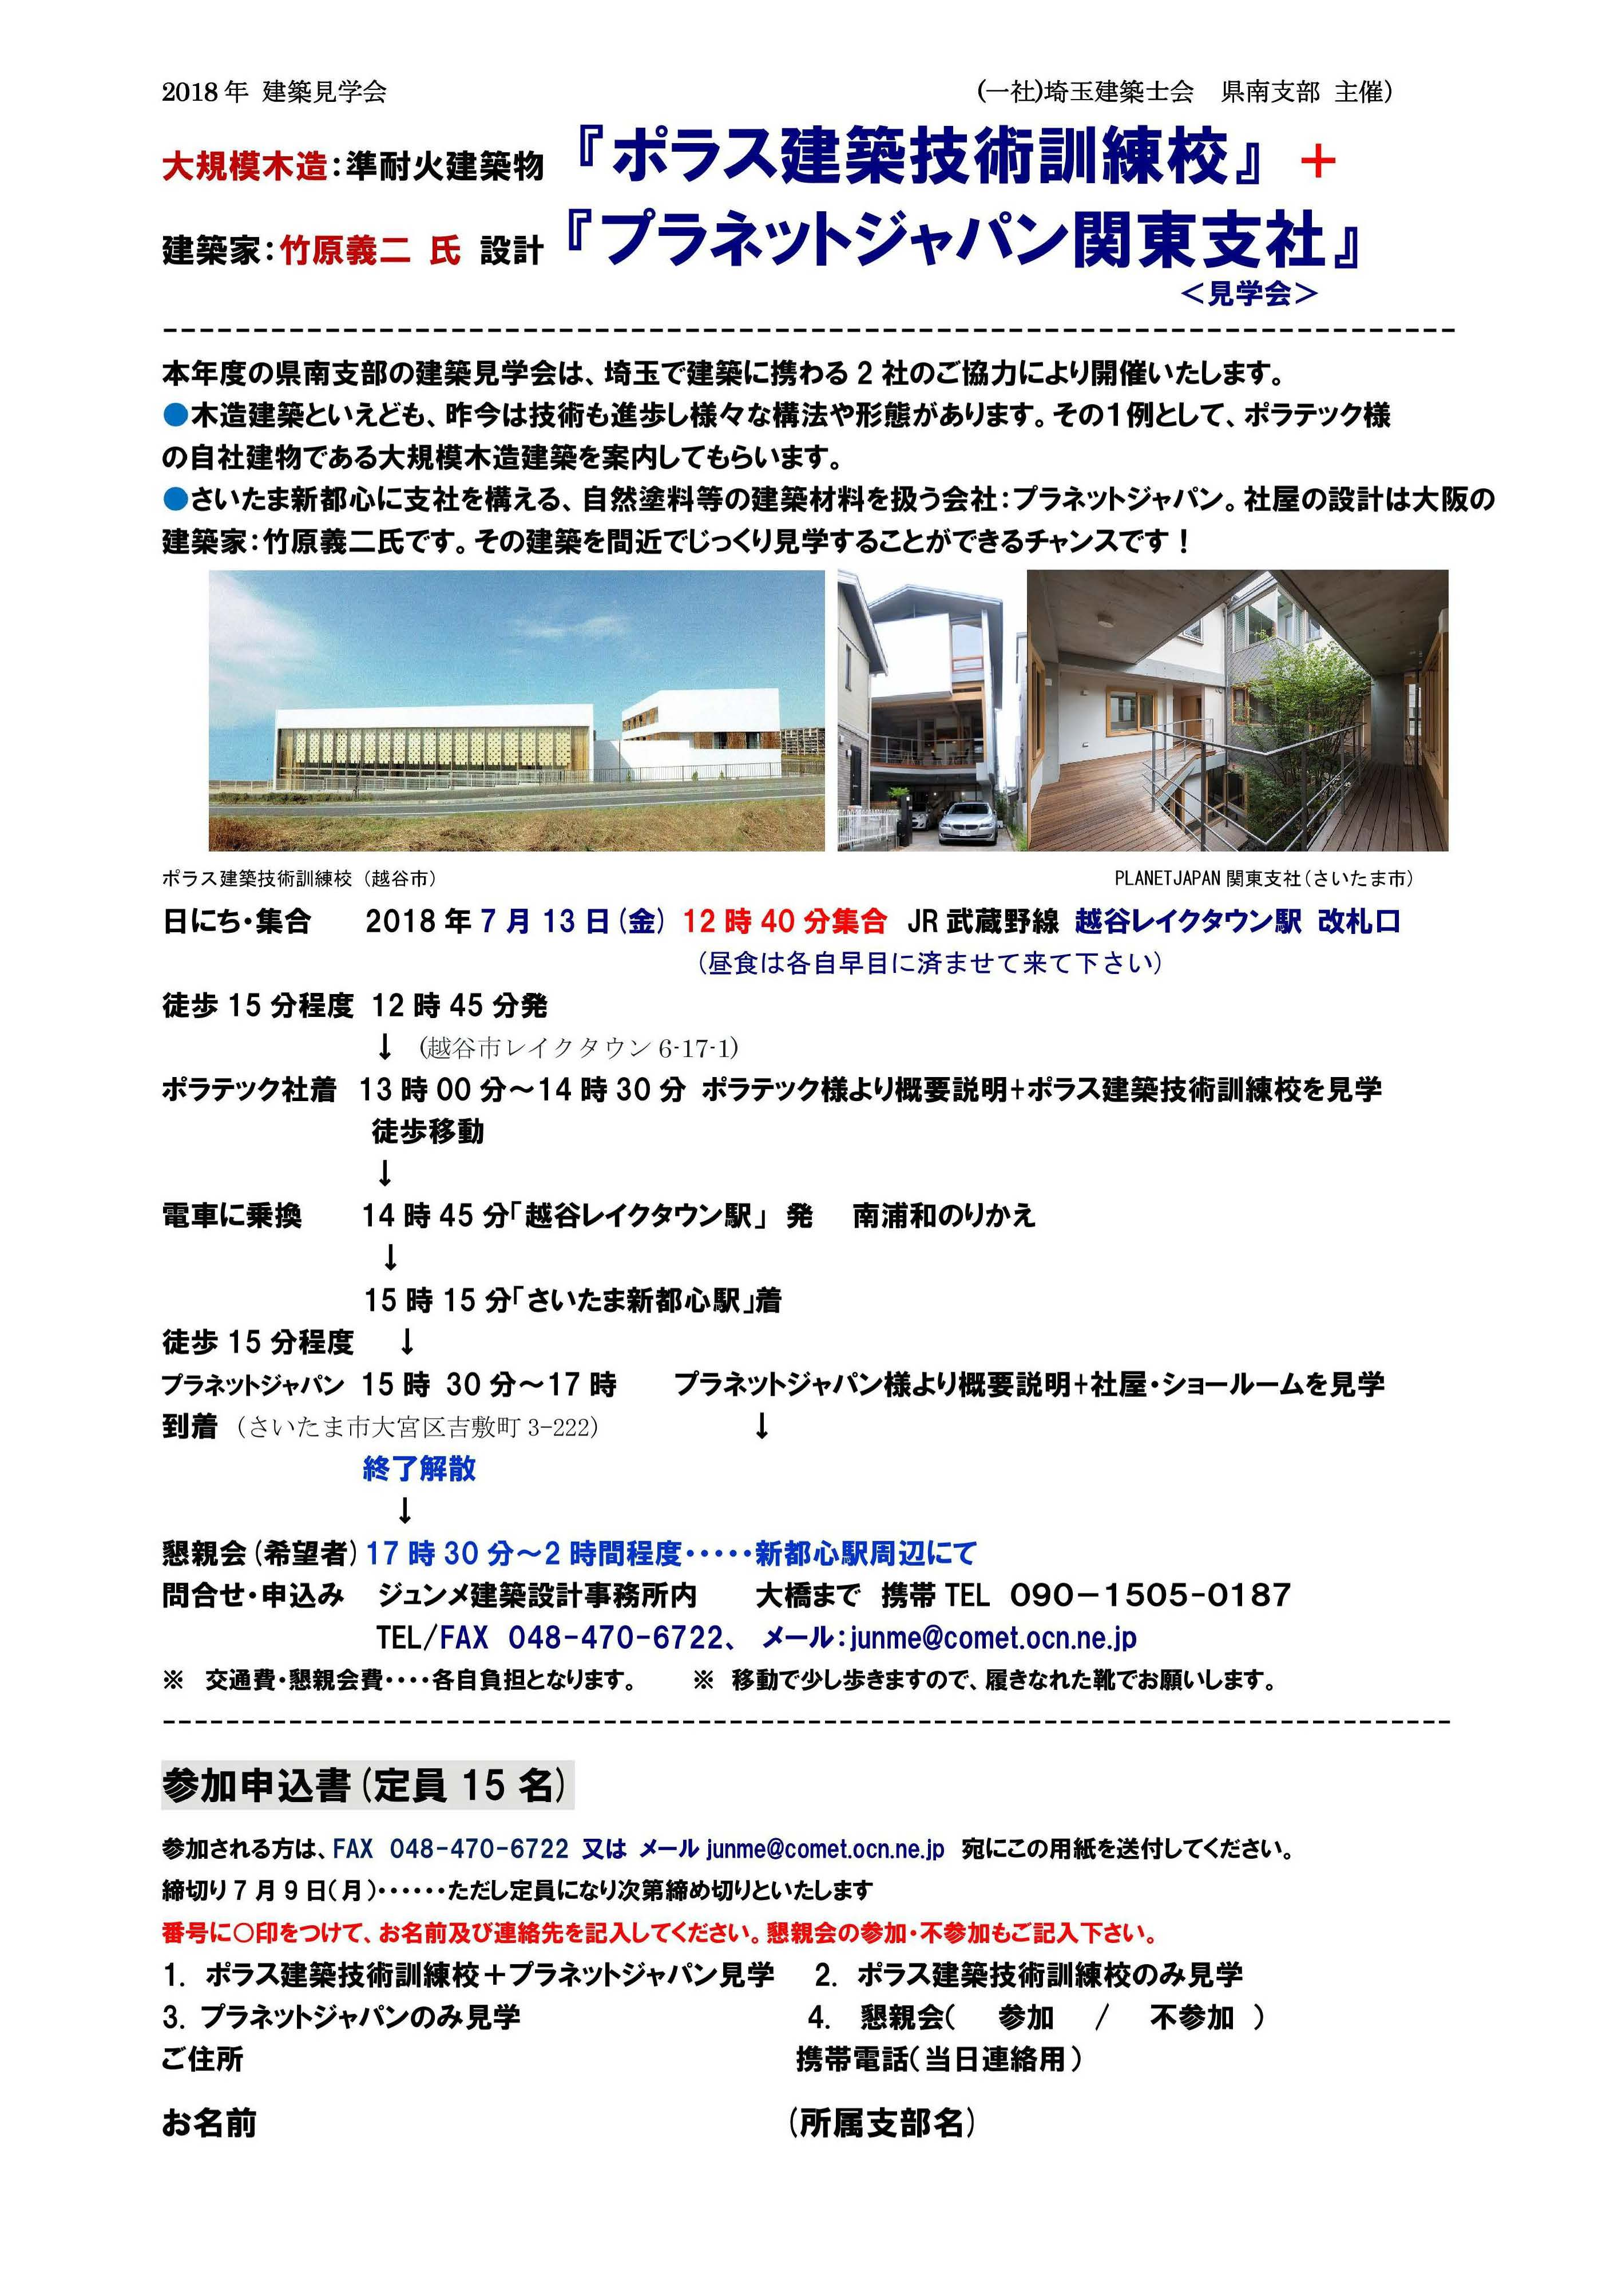 2018 建築見学会